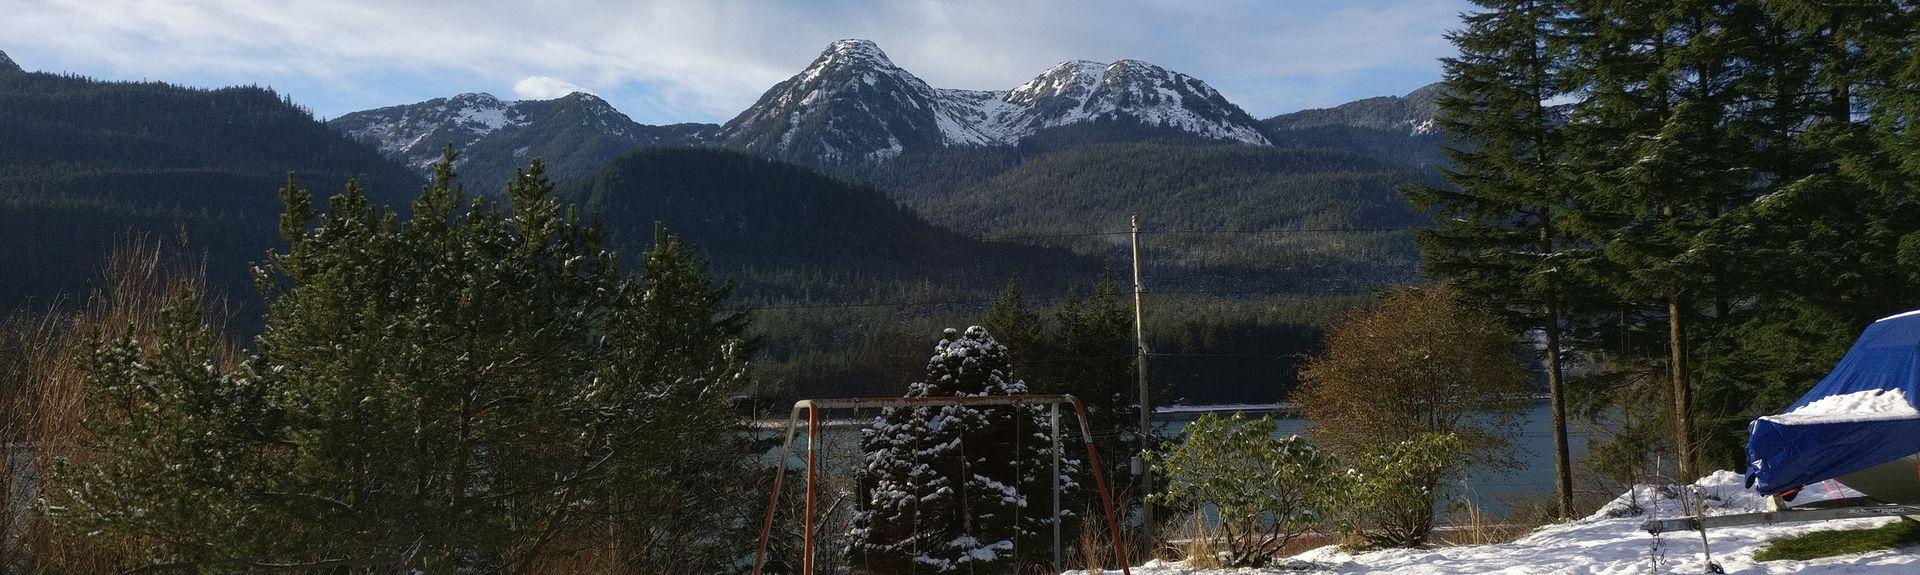 Juneau Downtown, Juneau, Alaska, USA